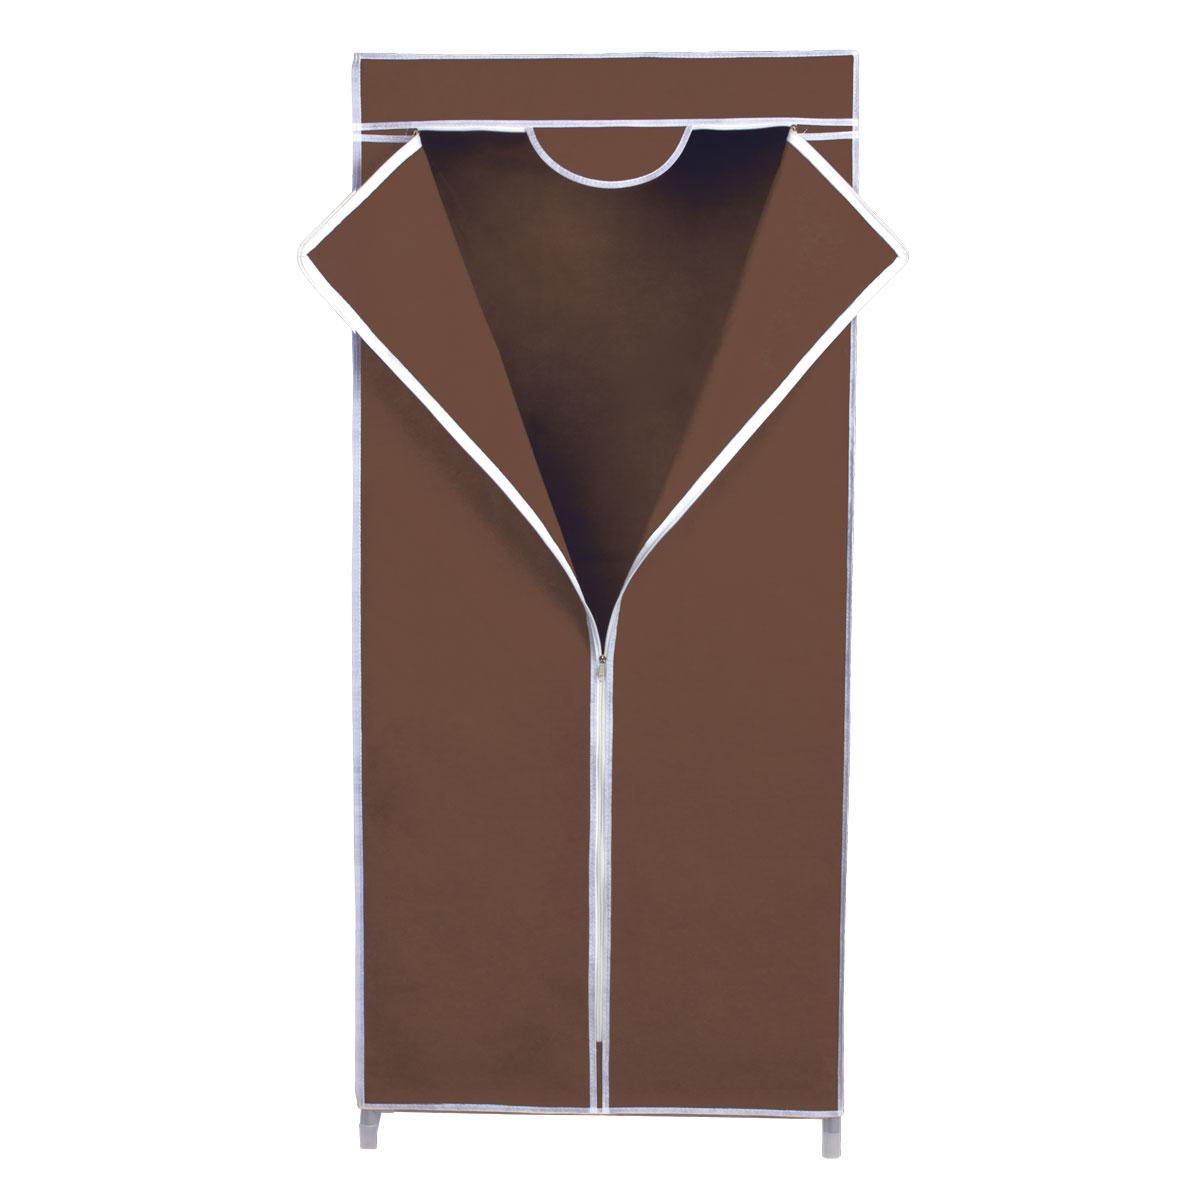 Гардероб для хранения одежды Miolla, с перекладиной, цвет: коричневый, 67 х 42 х 150 смS03301004Гардероб Miolla - это идеальное решение для хранения одежды, обуви и аксессуаров. Само изделие выполнено из нетканого материала, а каркас - из прочного металла, благодаря чему изделие не деформируется и отлично сохраняет форму. Гардероб имеет перекладину. Такой гардероб поможет с легкостью организовать пространство в шкафу или гардеробе.